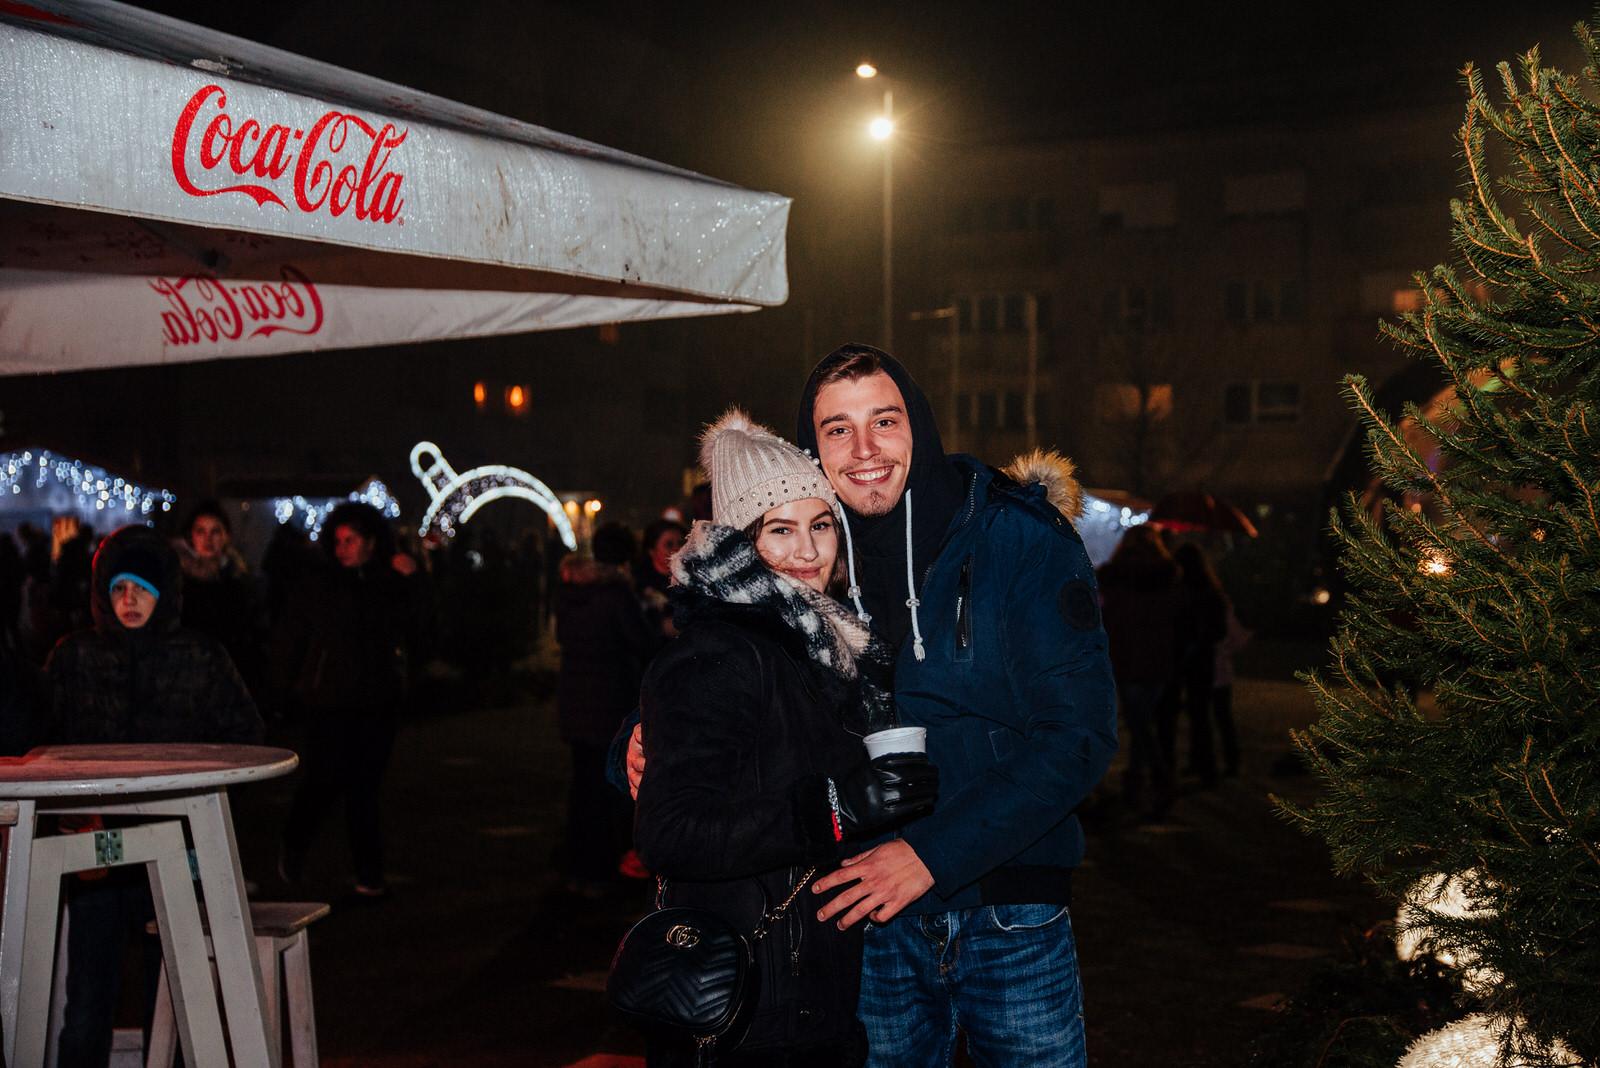 likaclub_prosinac-u-gospiću_otvaranje_2019-29